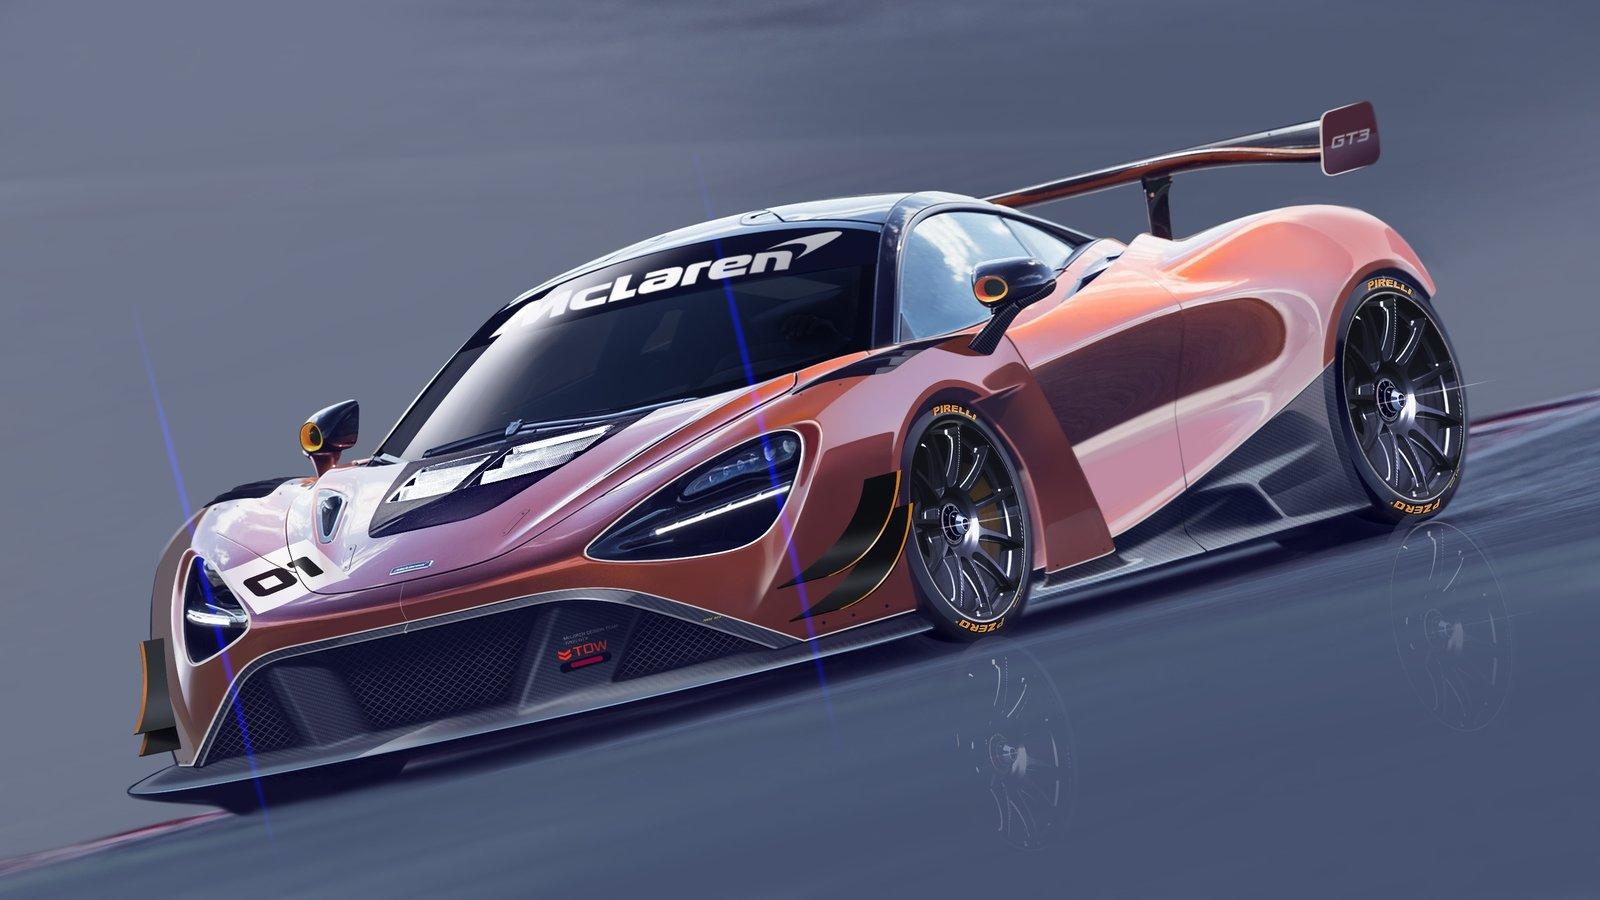 2019 McLaren 720S GT3